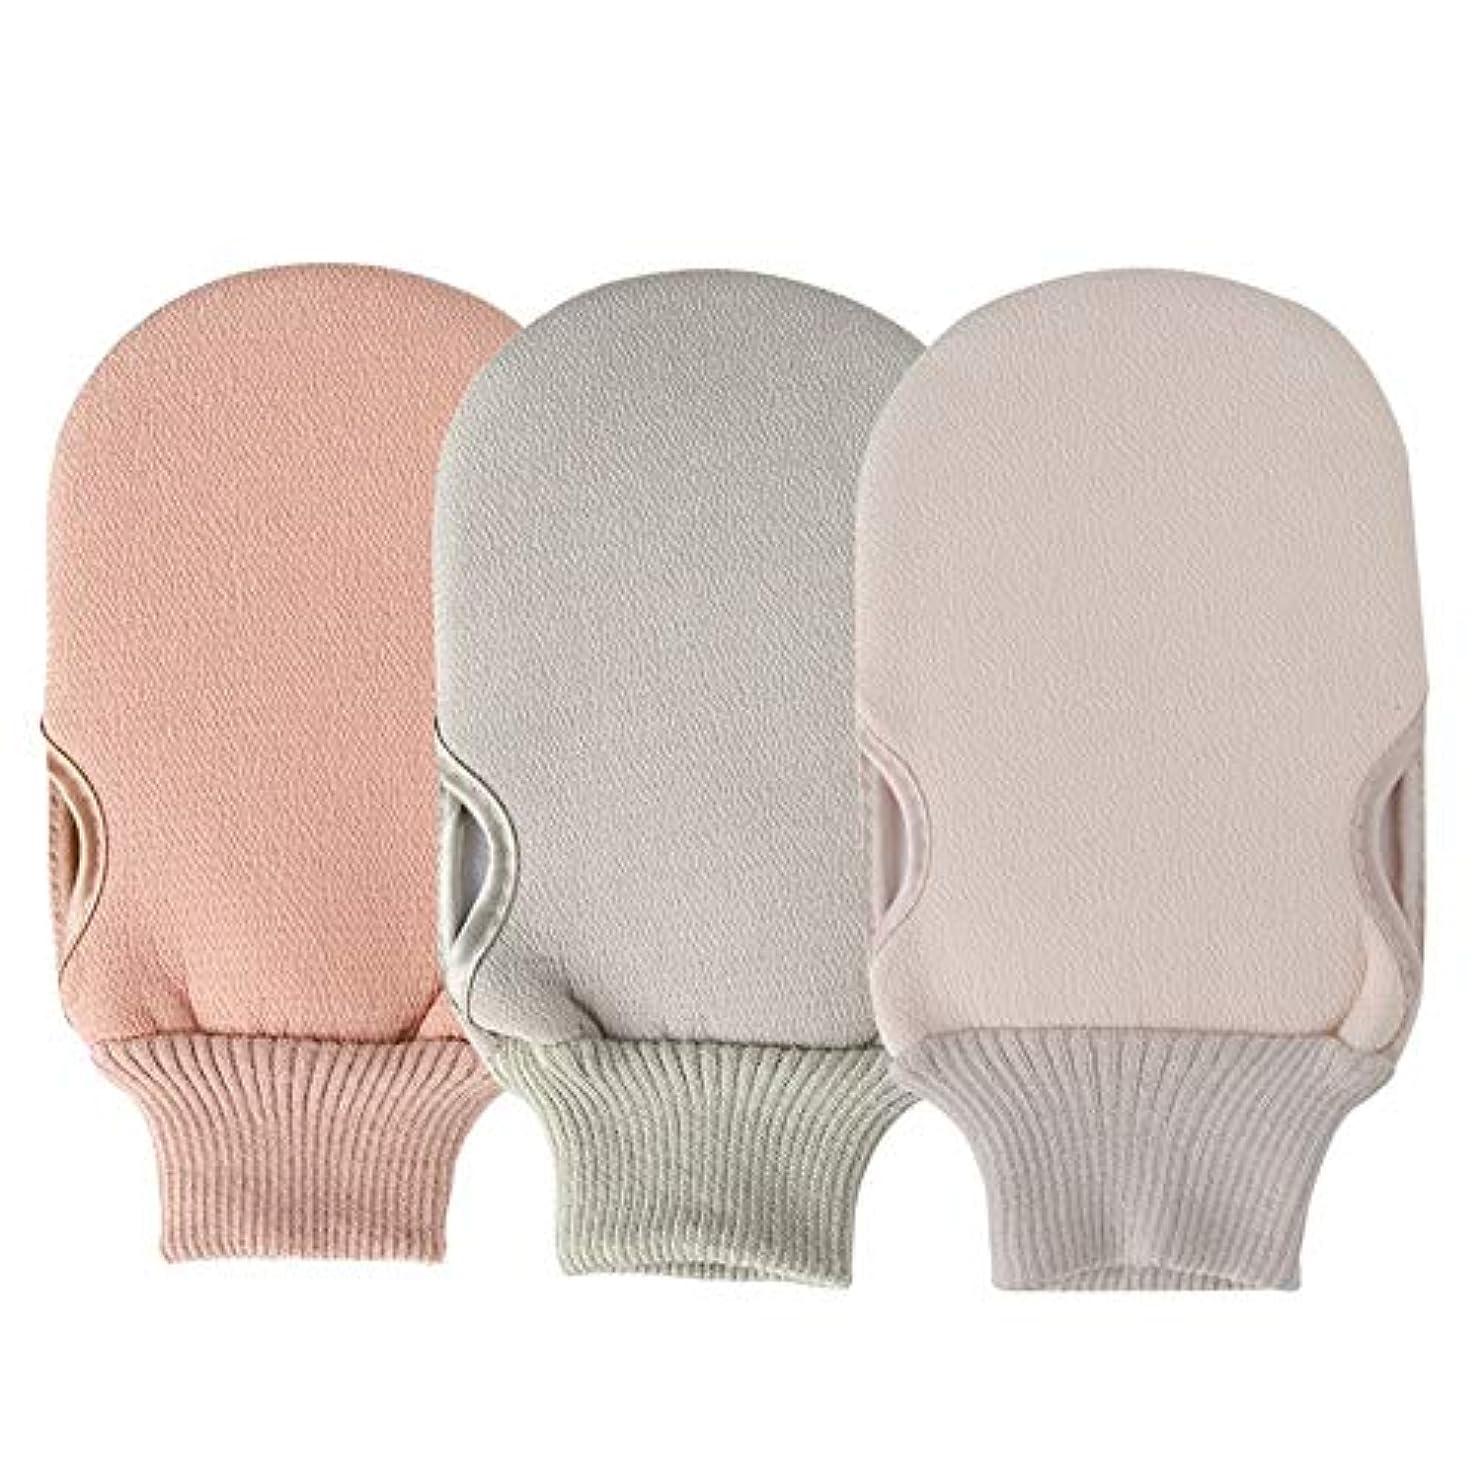 取り壊す前提ハリケーンBTXXYJP お風呂用手袋 あかすり シャワー手袋 ボディブラシ やわらか ボディタオル バス用品 角質除去 (Color : Pink+green+beige)